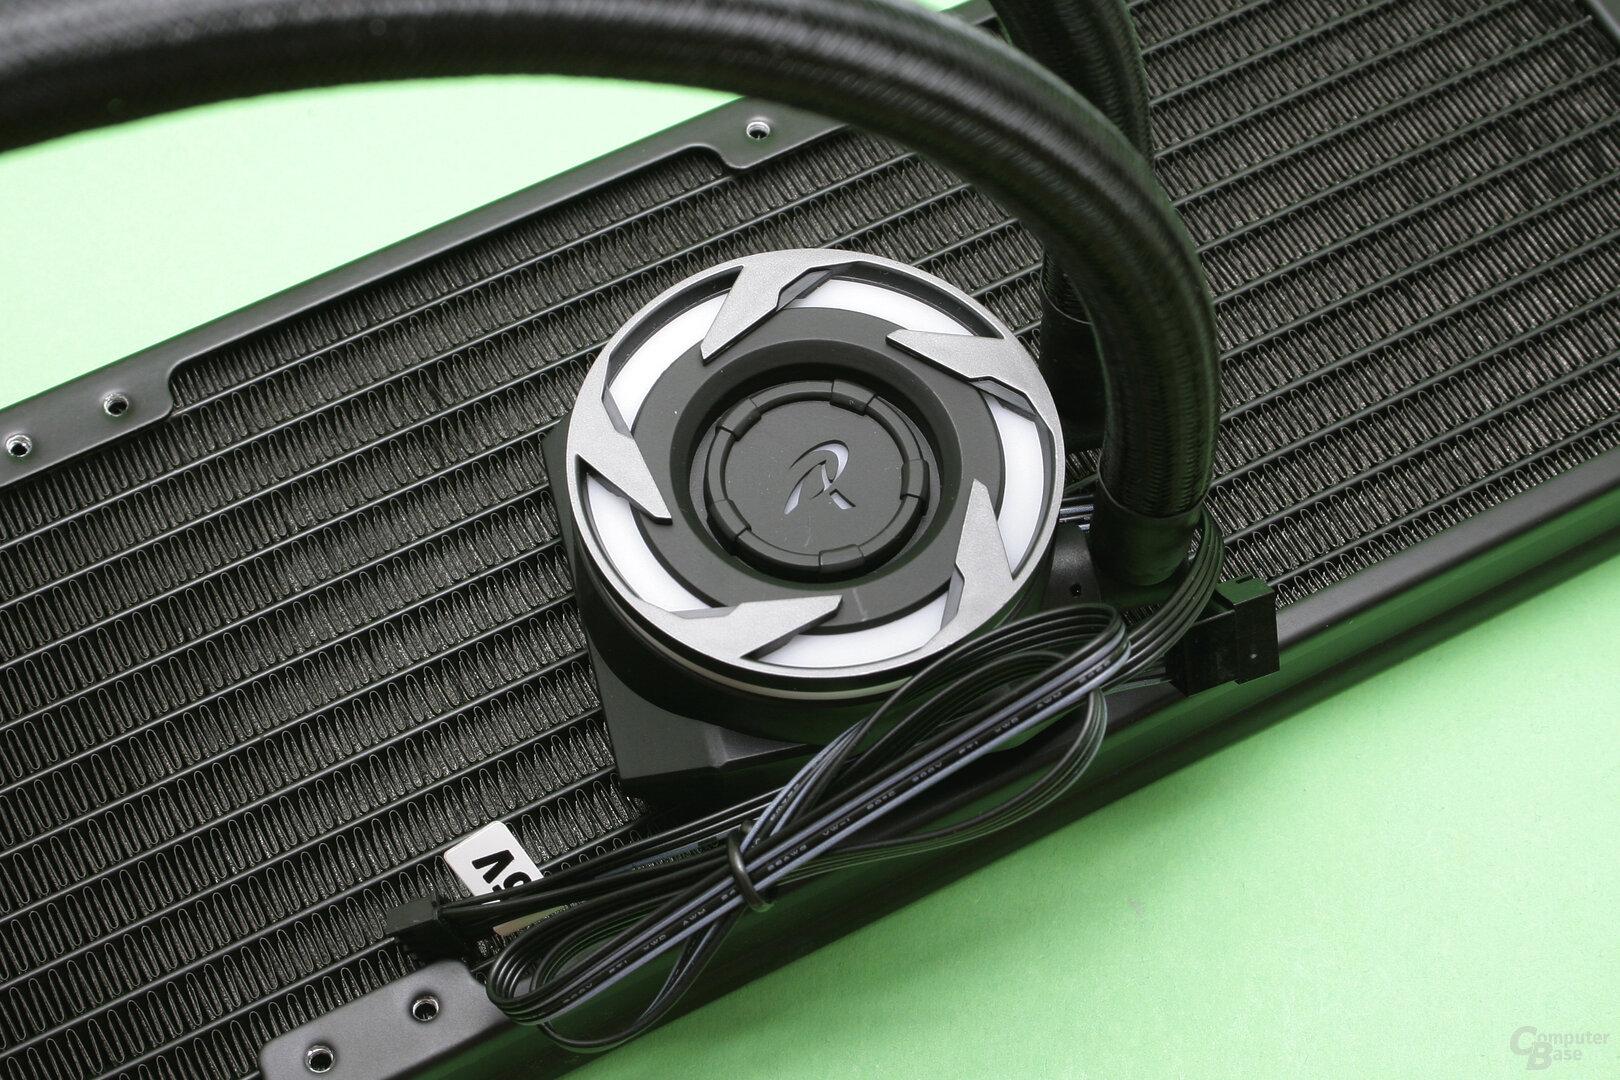 Raijintek EOS 360 RBW: Der CPU-Kühler beinhaltet ausnahmsweise keine Pumpe